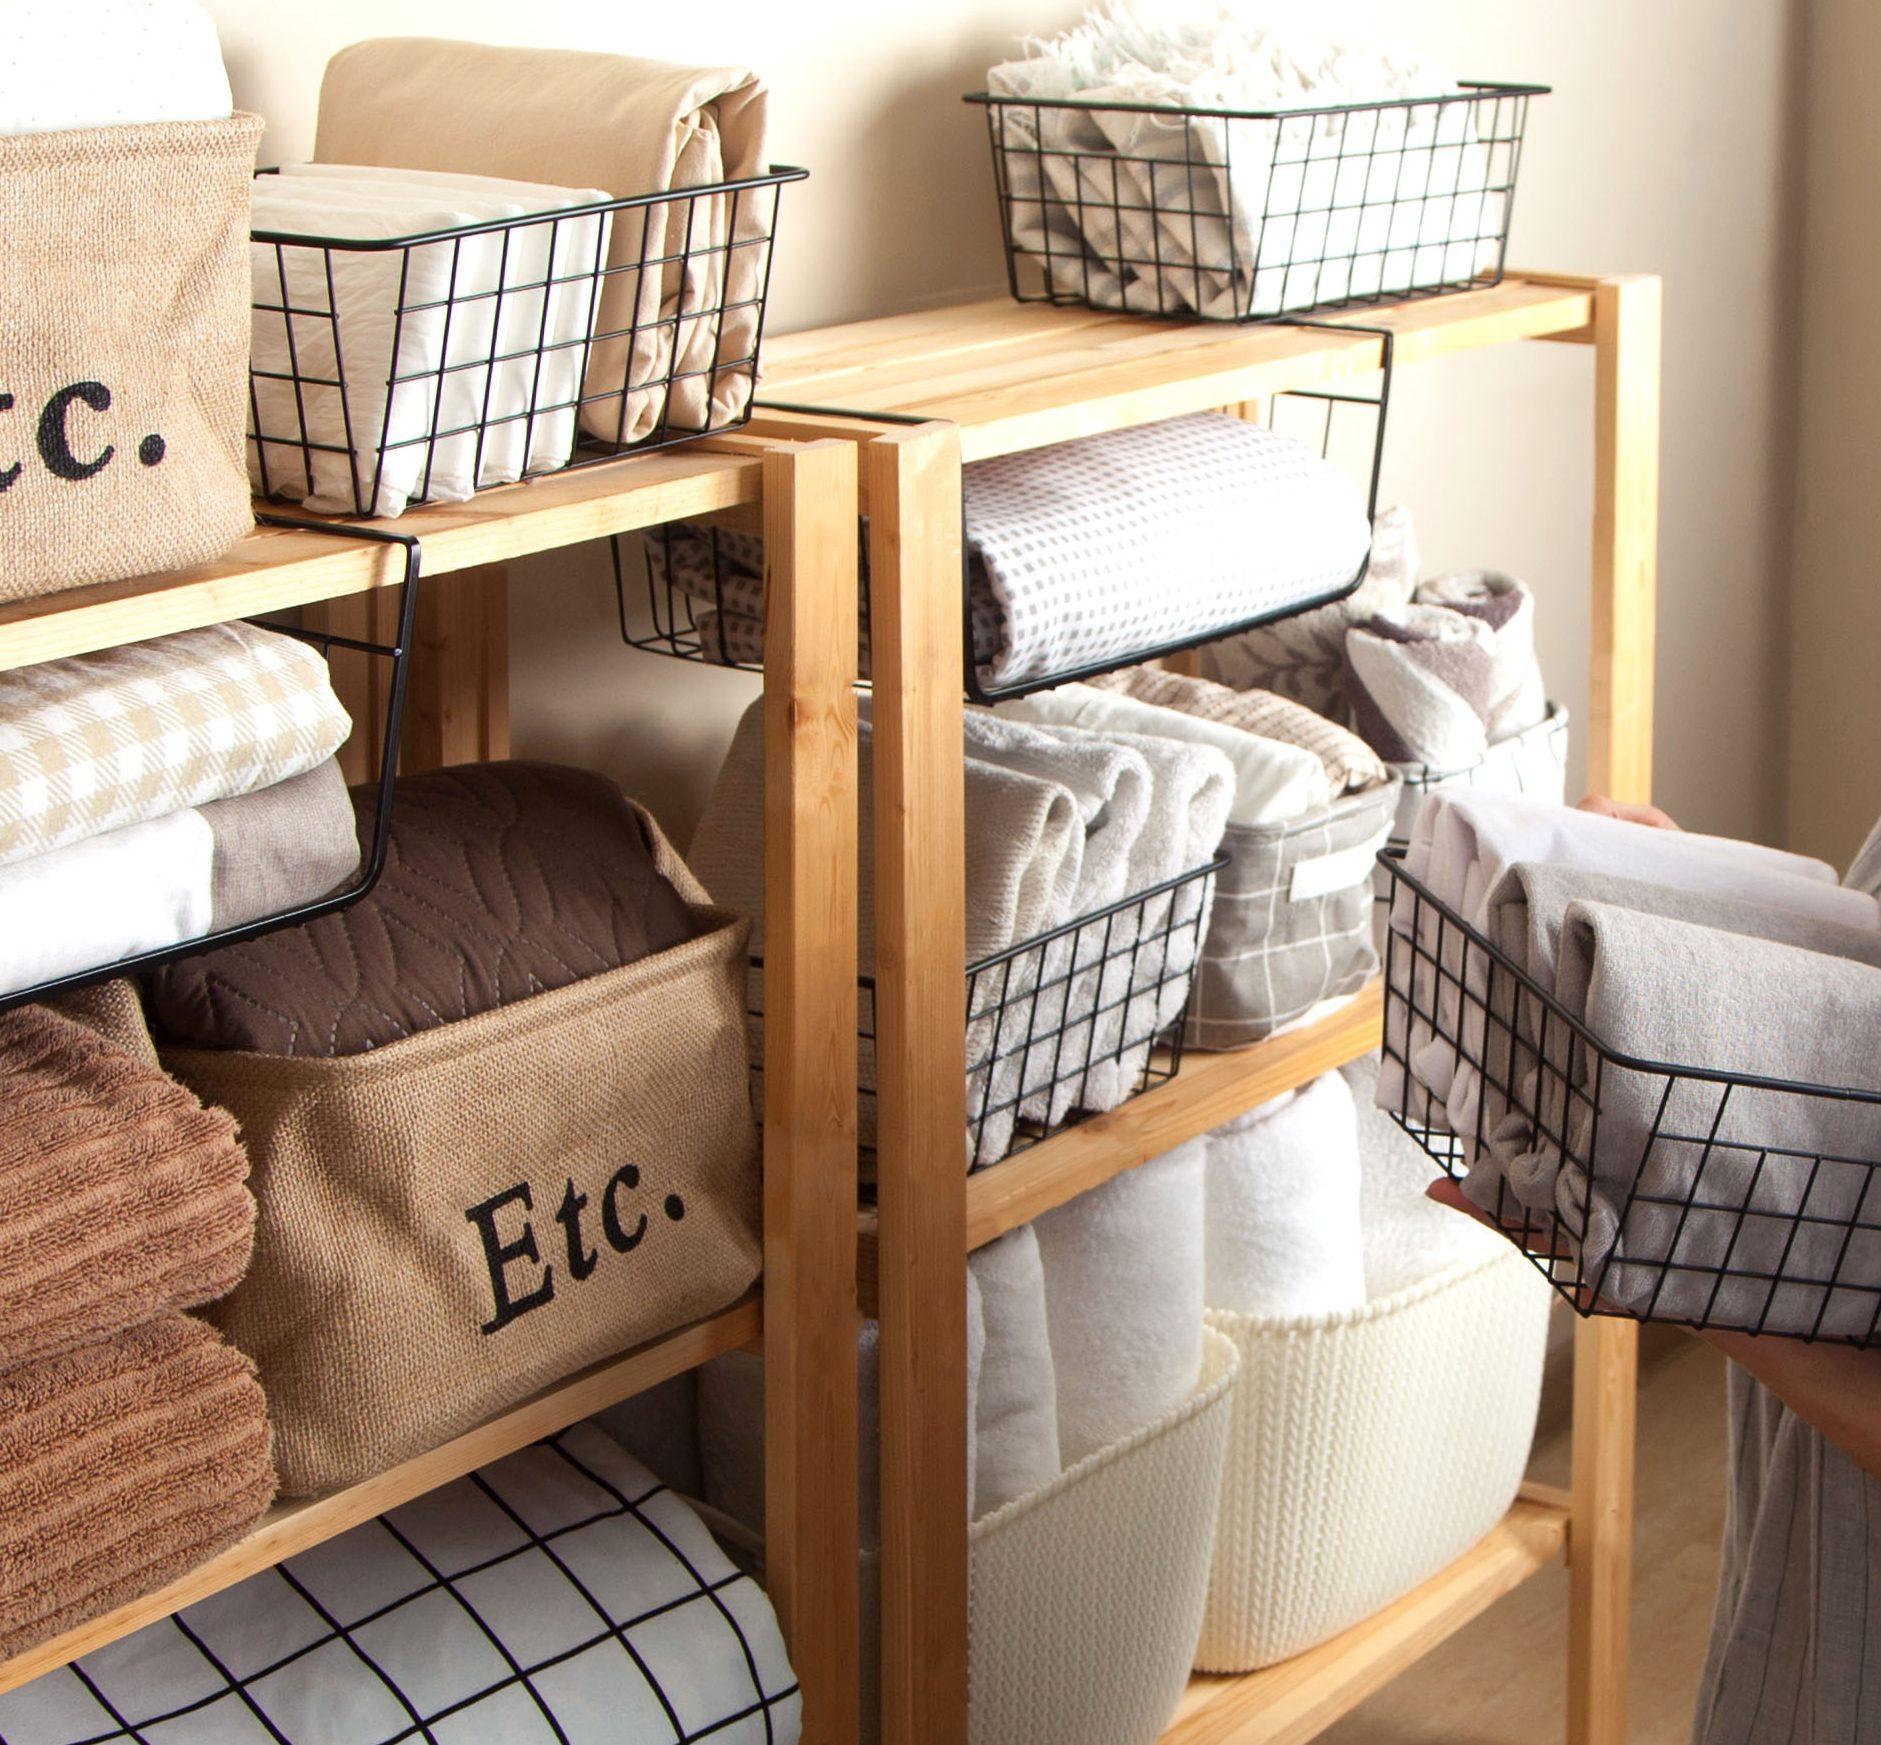 STYLECASTER | Ideen für die Aufbewahrung von Decken